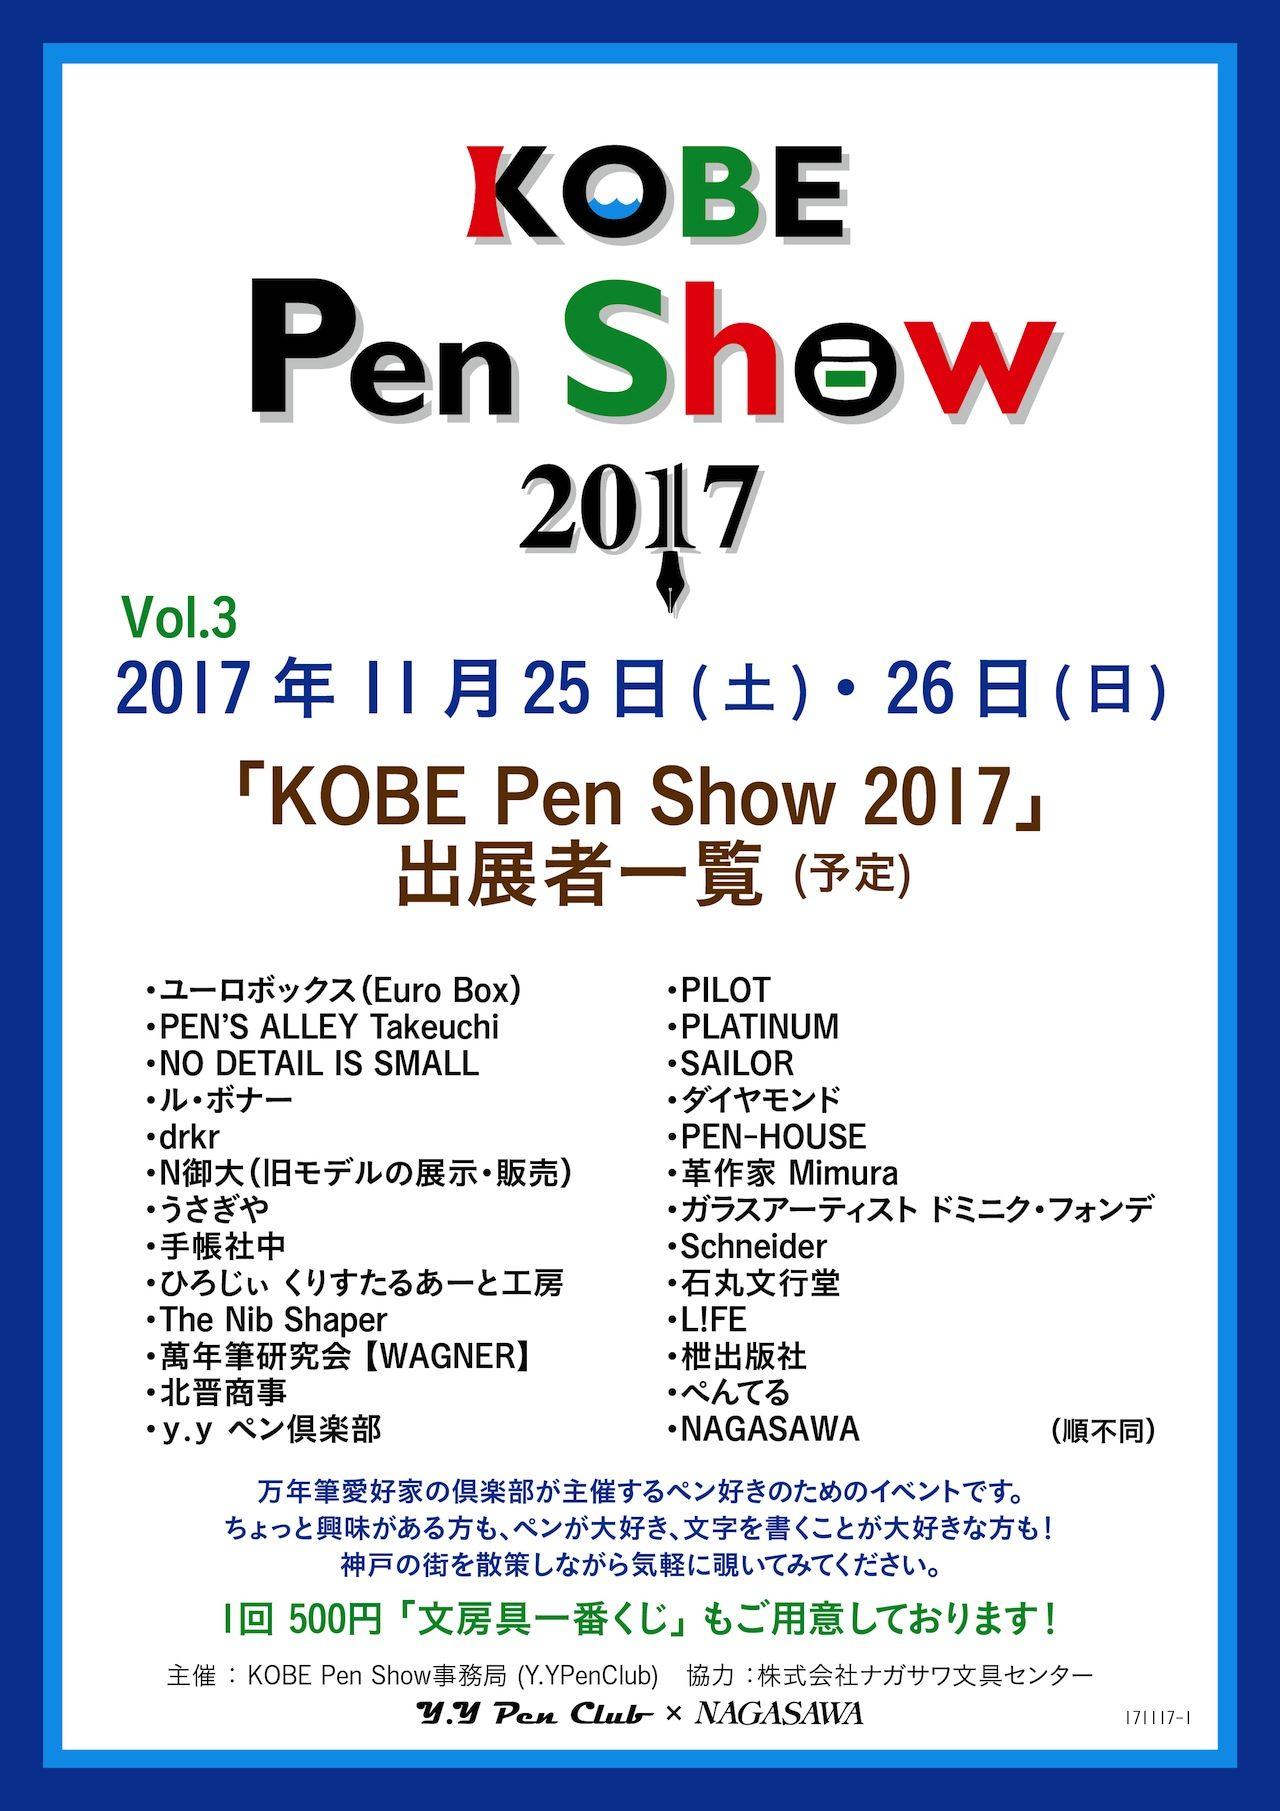 万年筆愛好家による万年筆好きのための万年筆イベント『KOBE Pen Show』 @北野工房のまち